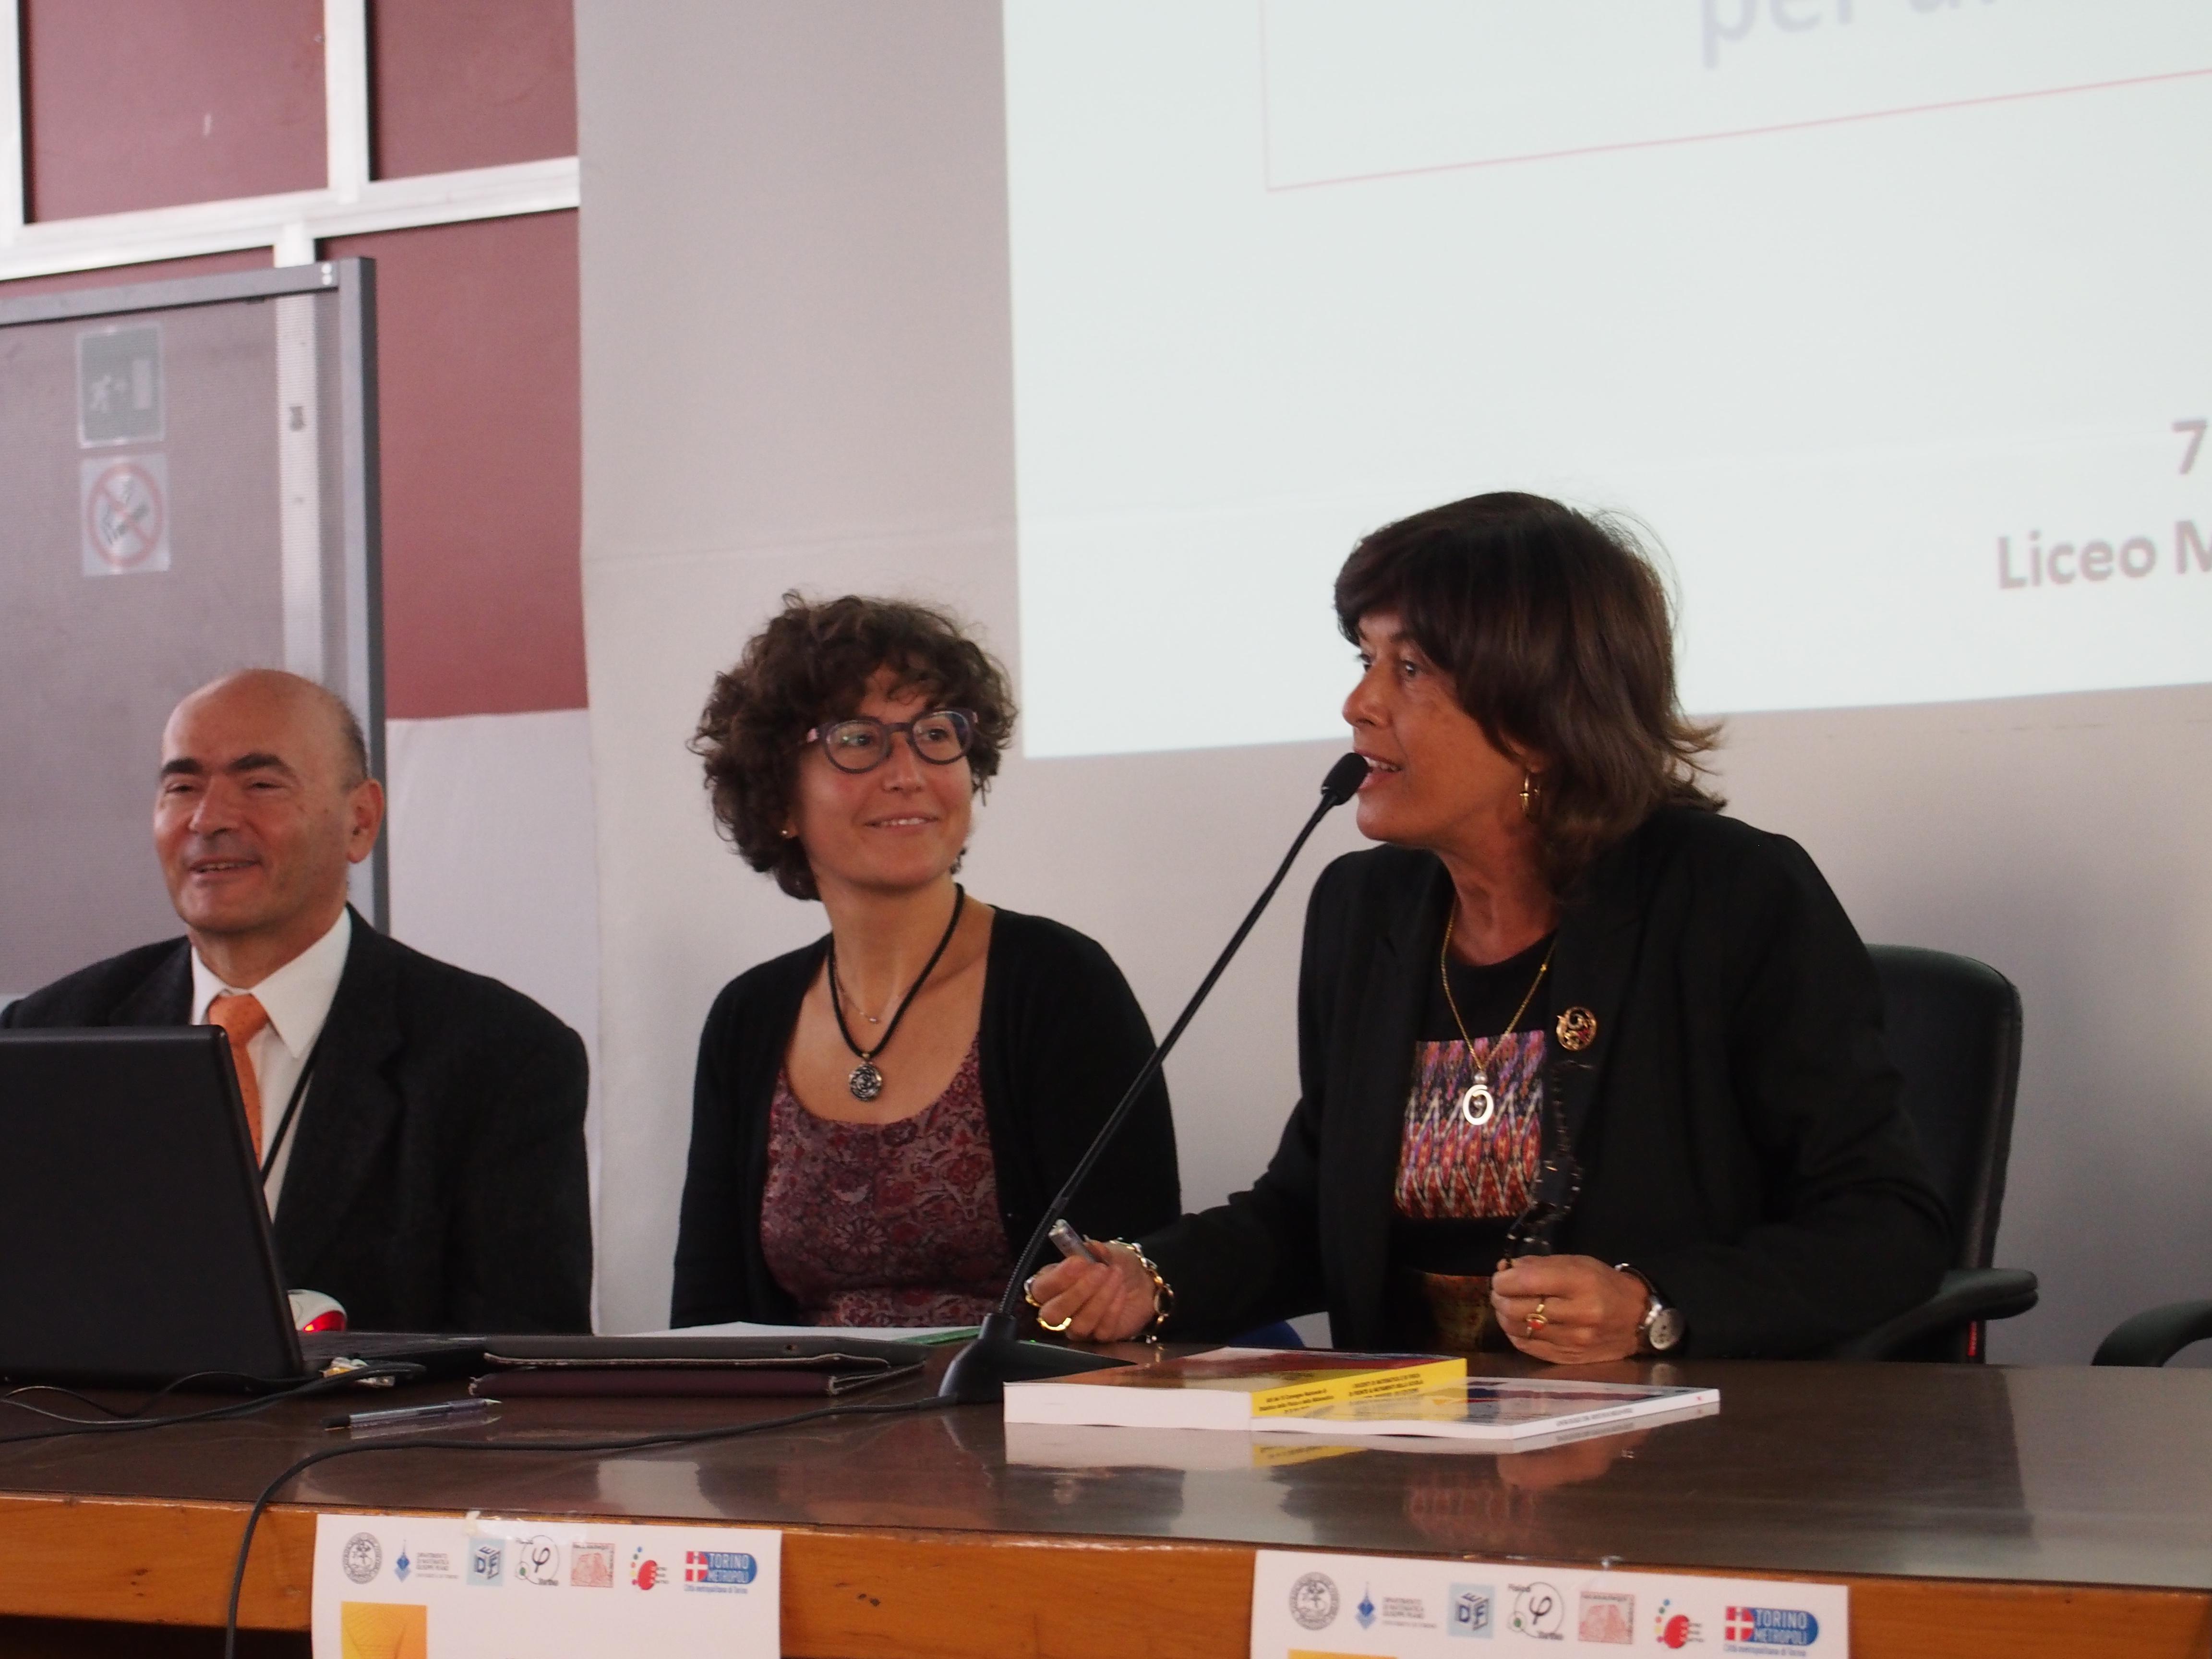 Cristina Sabena e Ornella Robutti